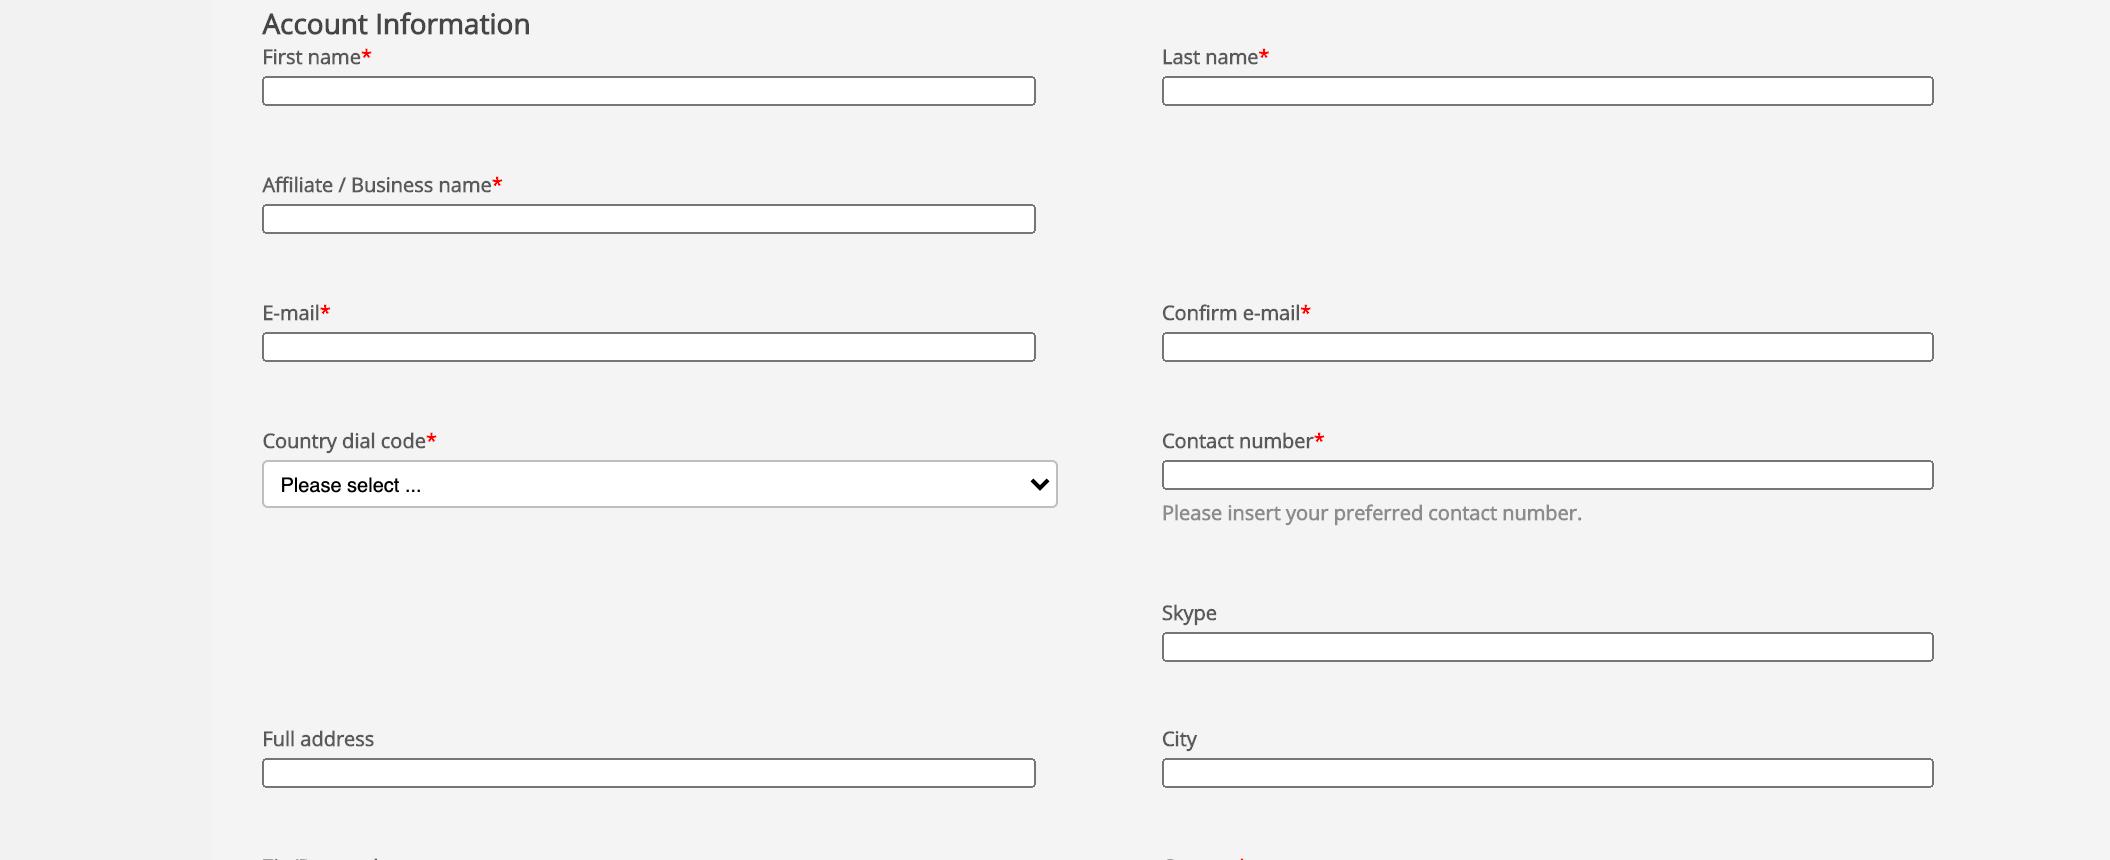 stakepartners registrazione